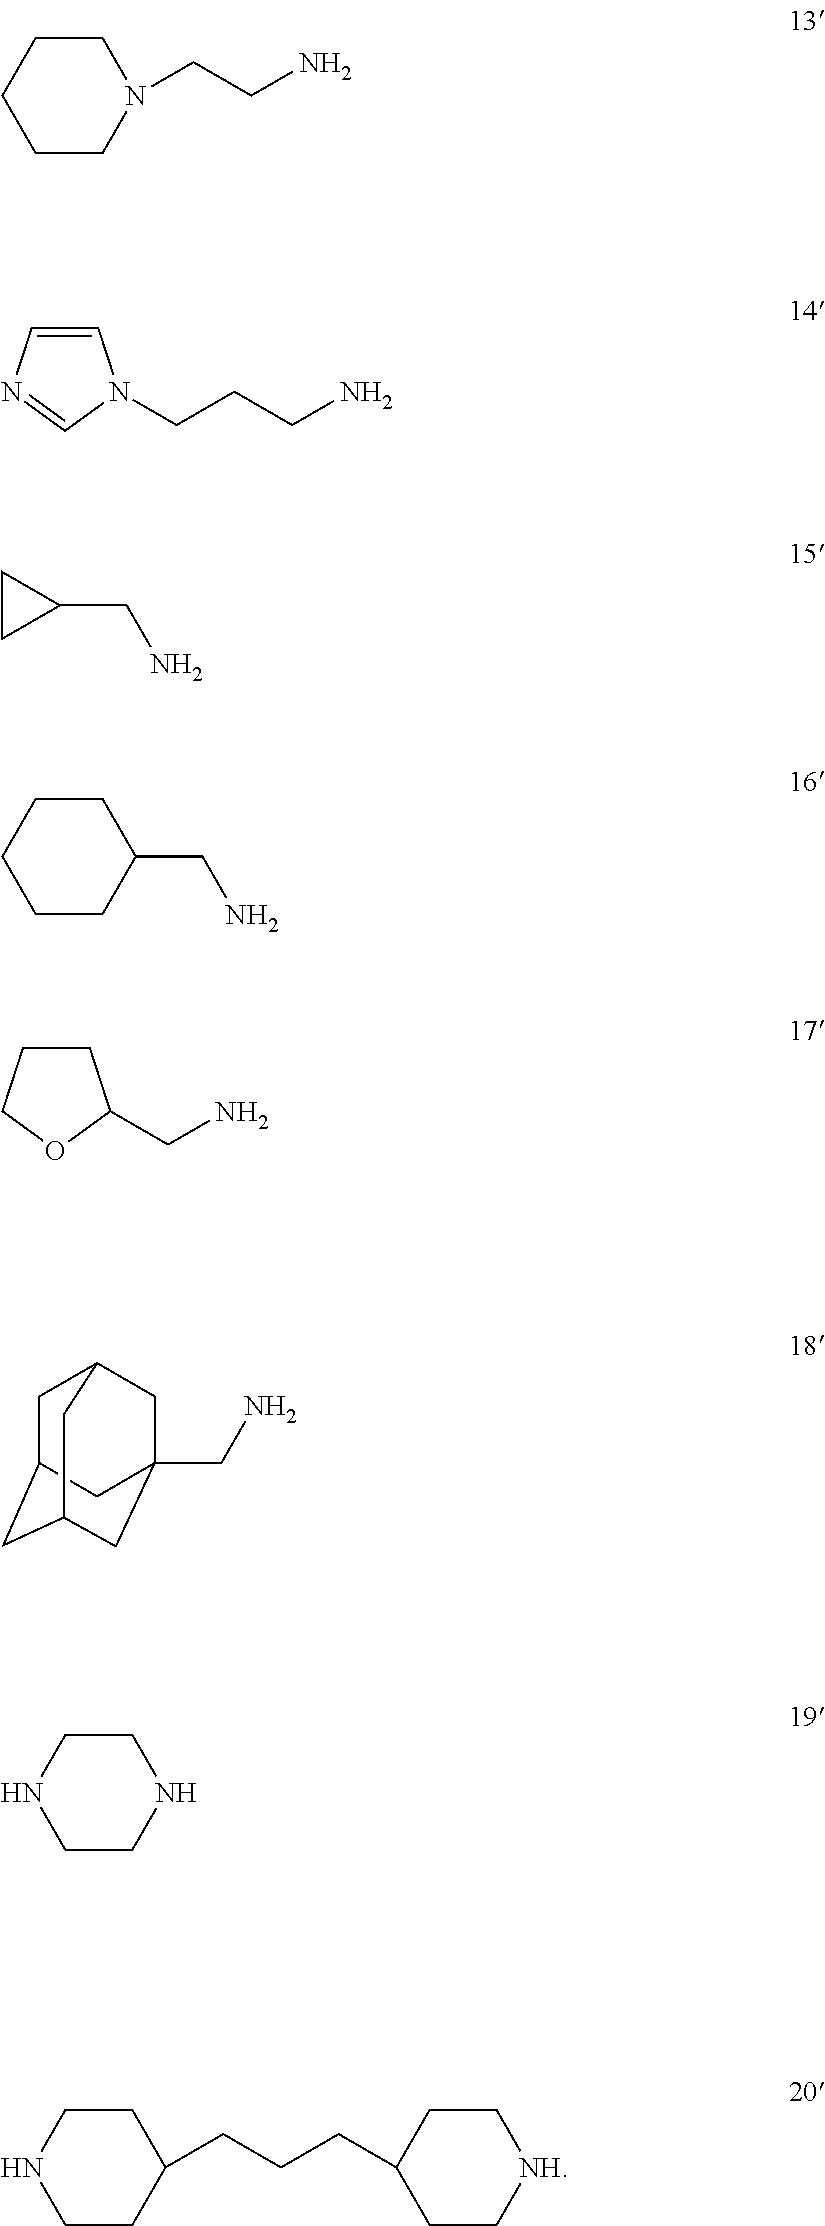 Figure US08562966-20131022-C00036